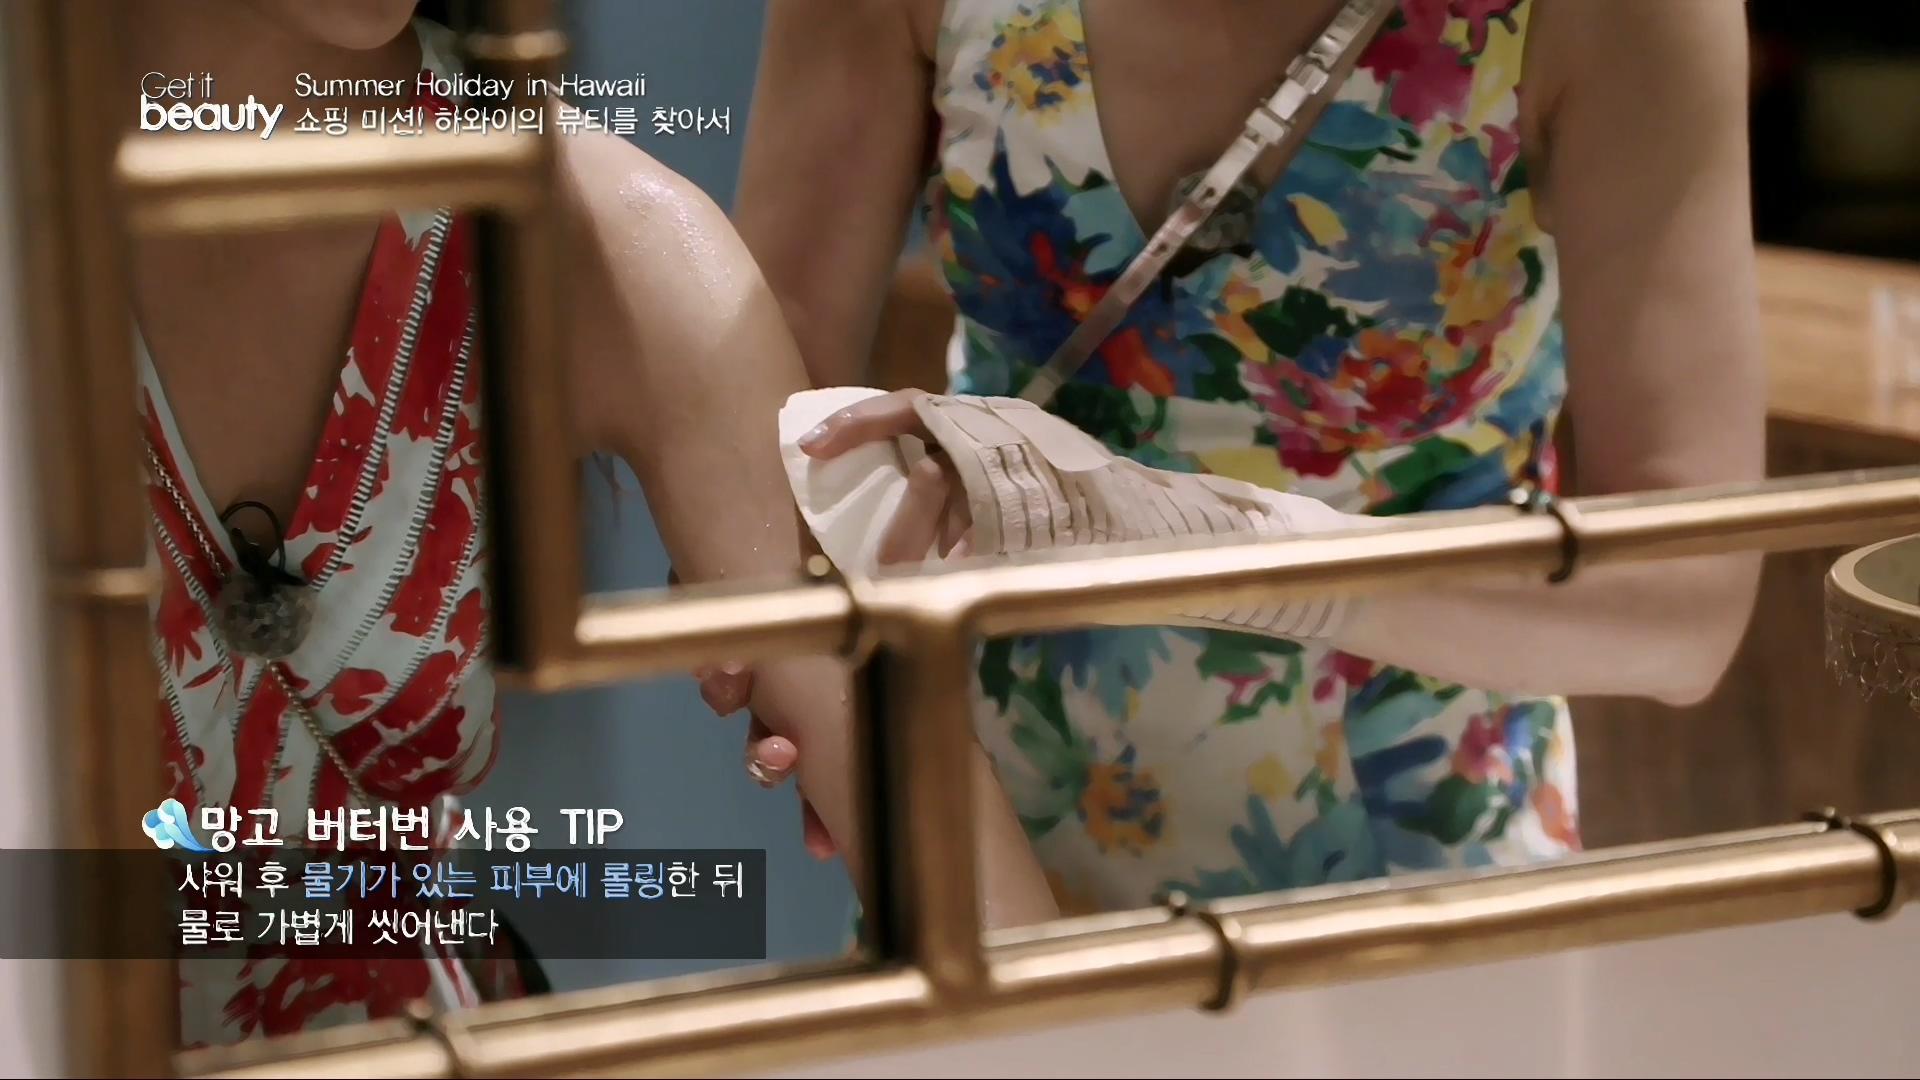 망고 버터번 사용 tip은 샤워 후 물기가 있는 피부에 롤링한 뒤 물로 가볍게 씻어낸다.